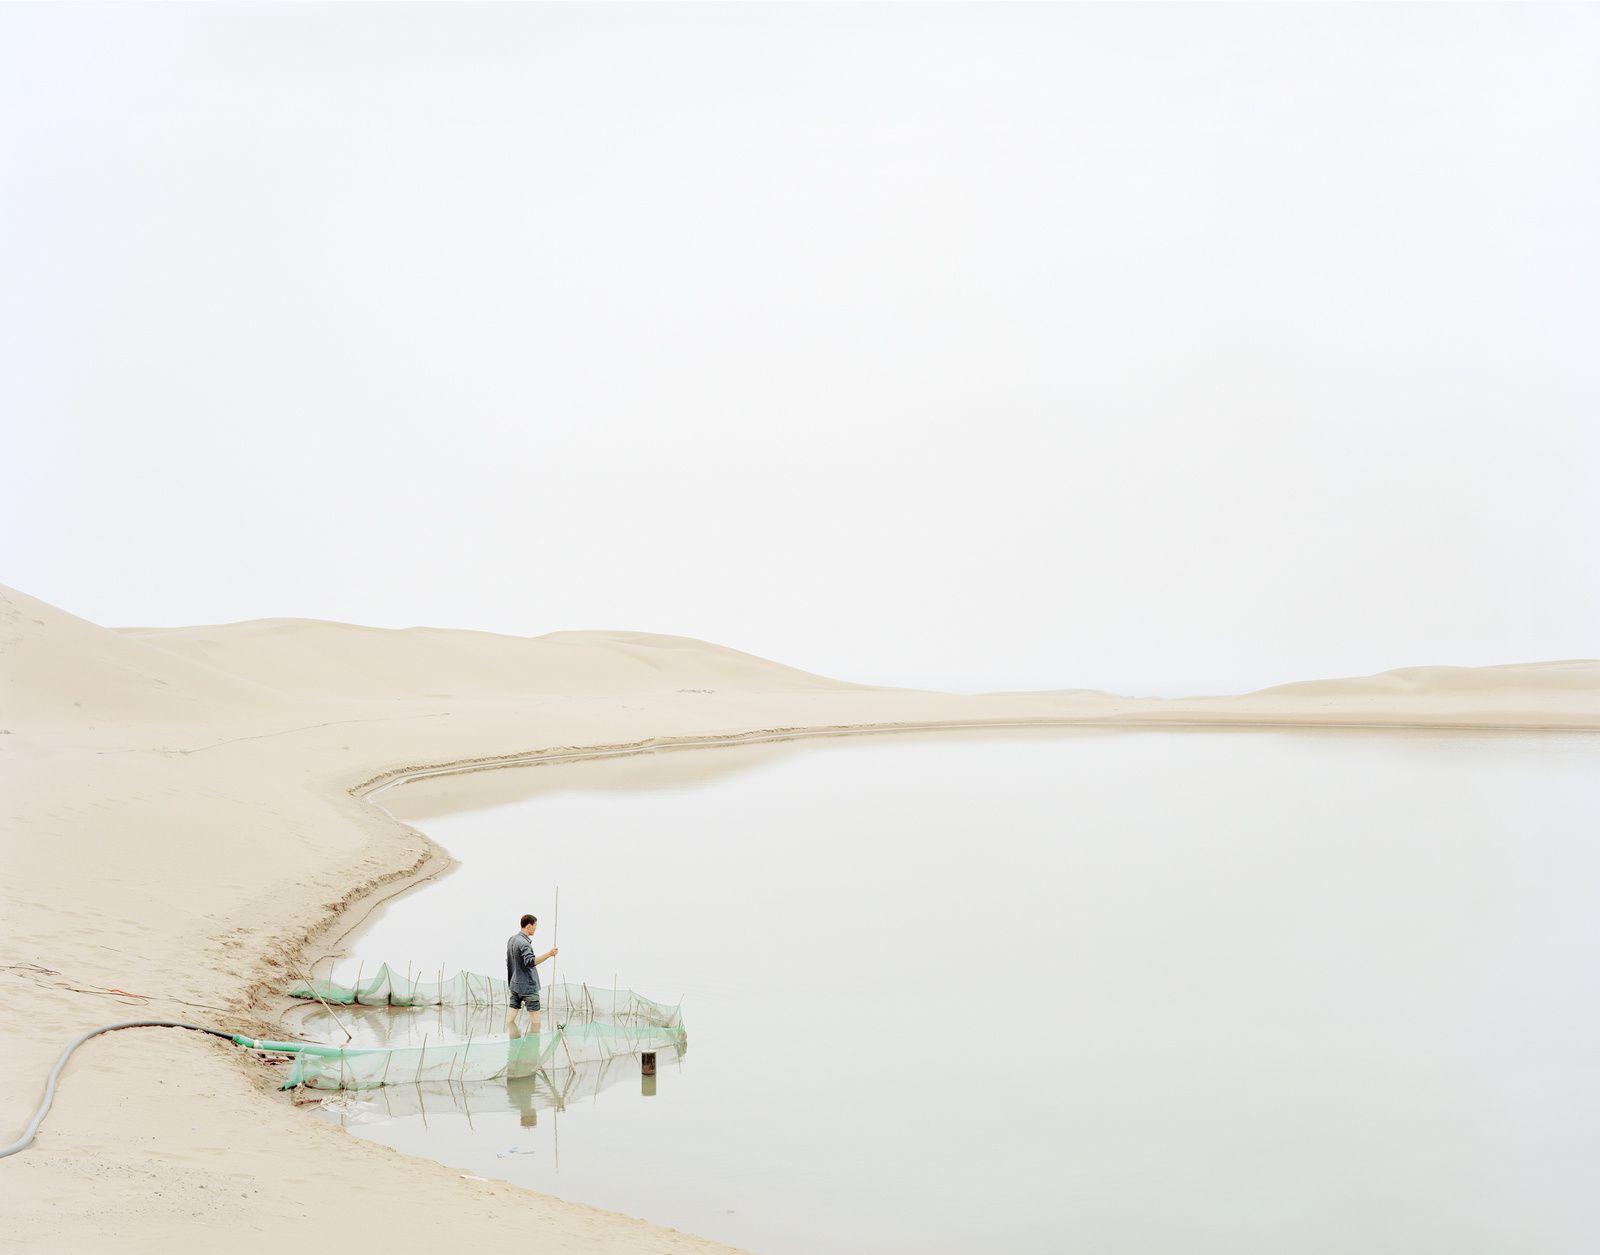 Kechun Zhang, Homme puisant de l'eau dans le terrain vague, province du Ningxia, 2011.Copyright Rencontres Arles